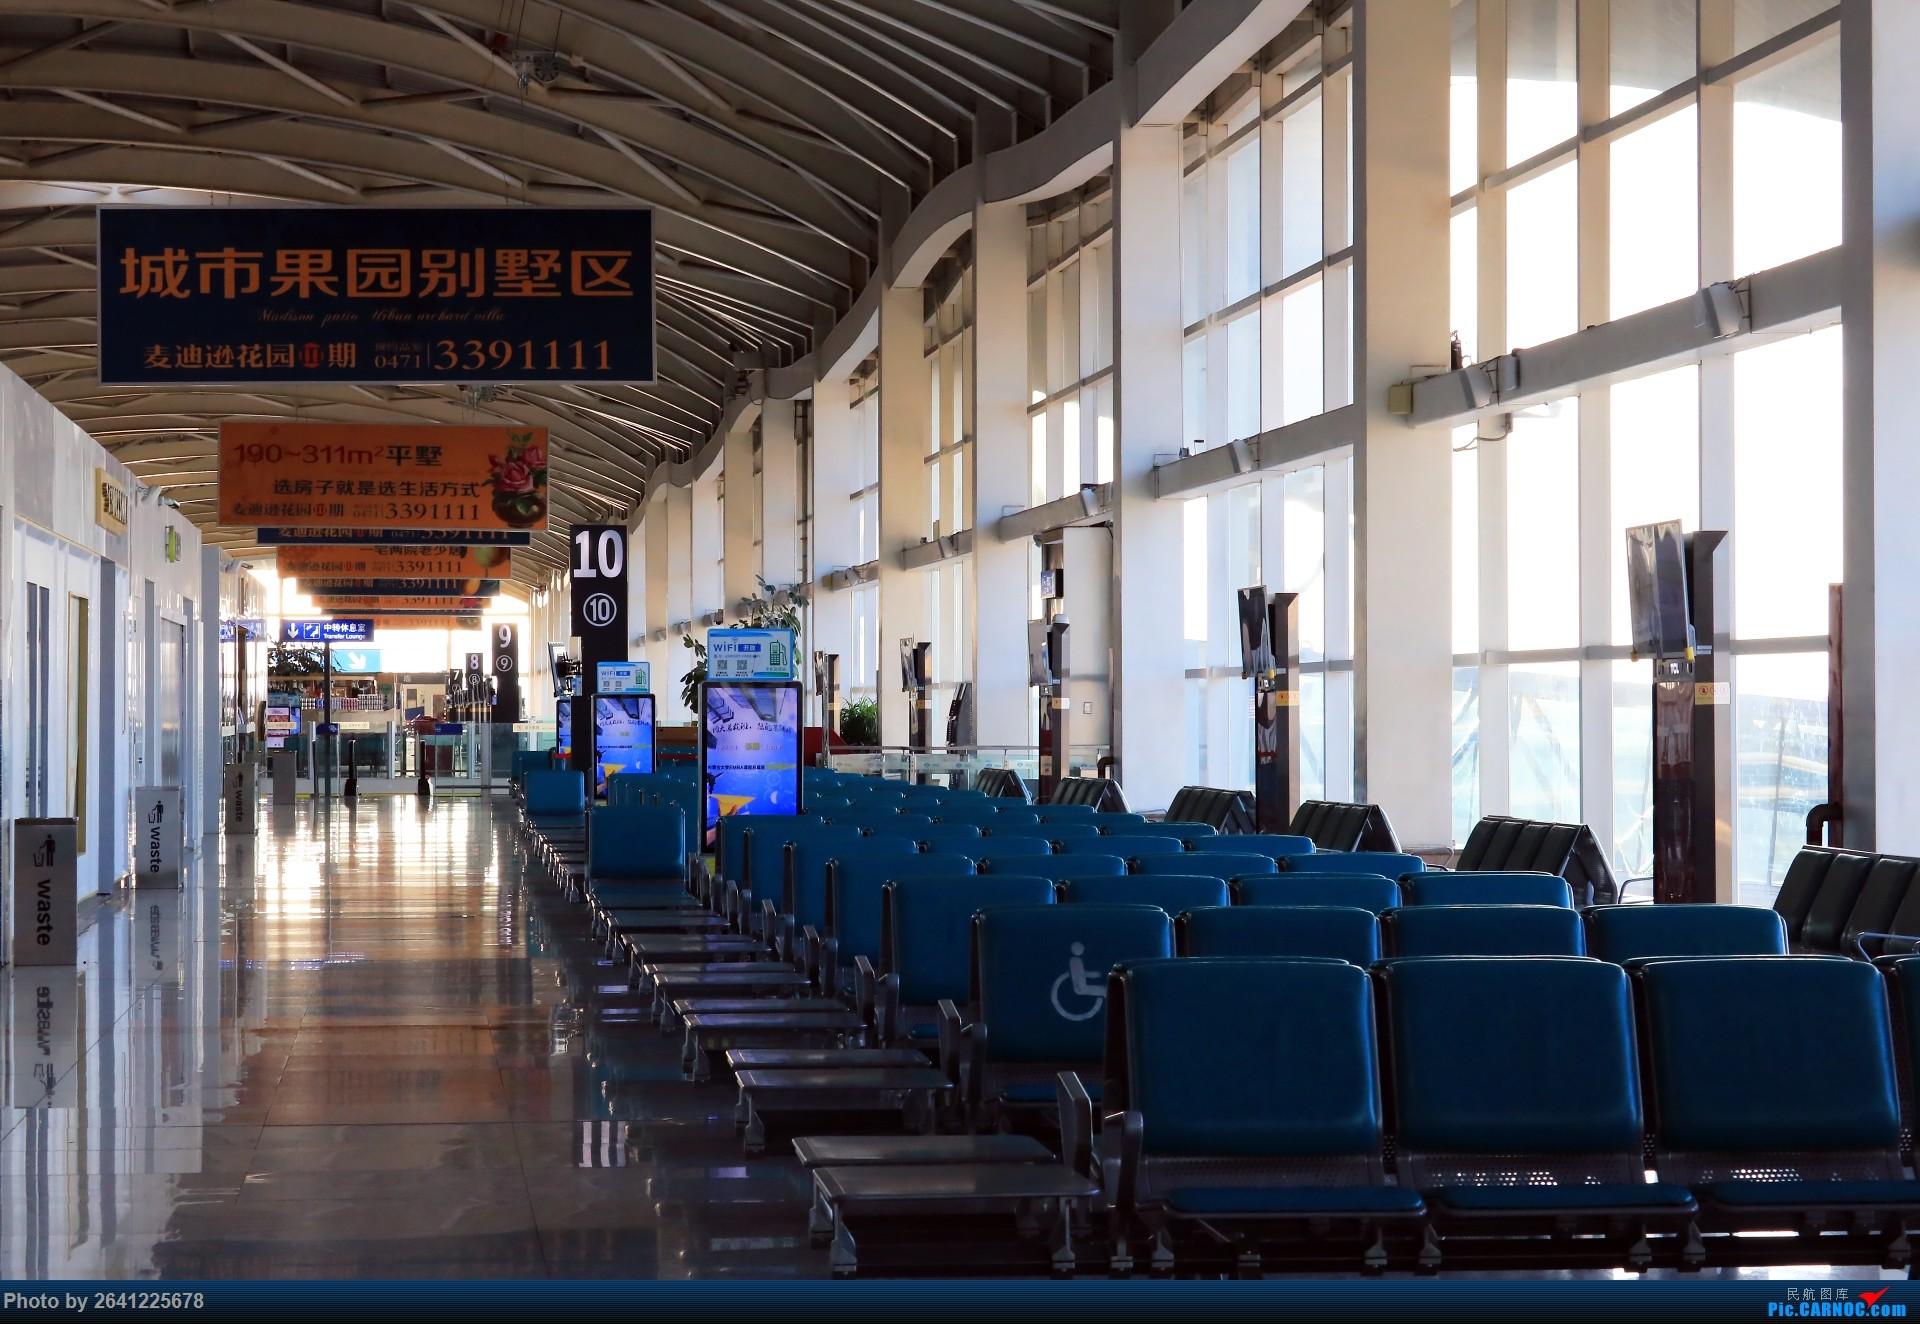 Re:[原创]【小周游记第3集】草原茫茫天地间,洁白的蒙古包散落在河边——内蒙古5天4飞半自由行(宽体与支线客机初体验)有flight log和驾驶舱哦 BOEING 737-700 B-5226 中国呼和浩特白塔国际机场 中国呼和浩特白塔国际机场